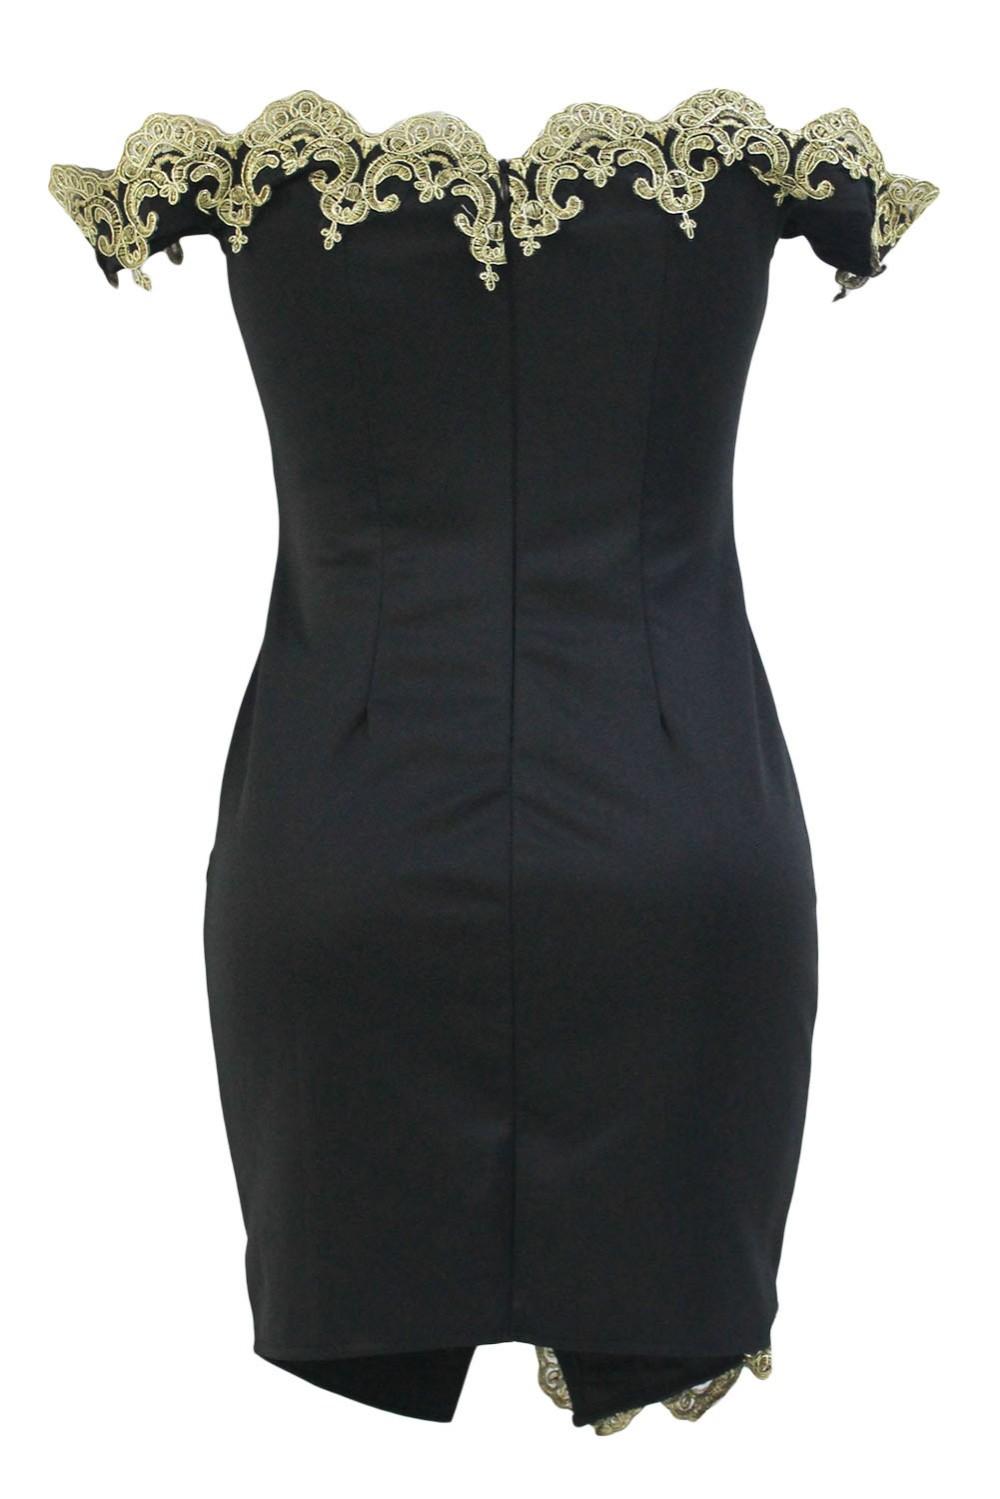 Gold-Lace-Applique-Black-Off-Shoulder-Mini-Dress-LC22715-2-3